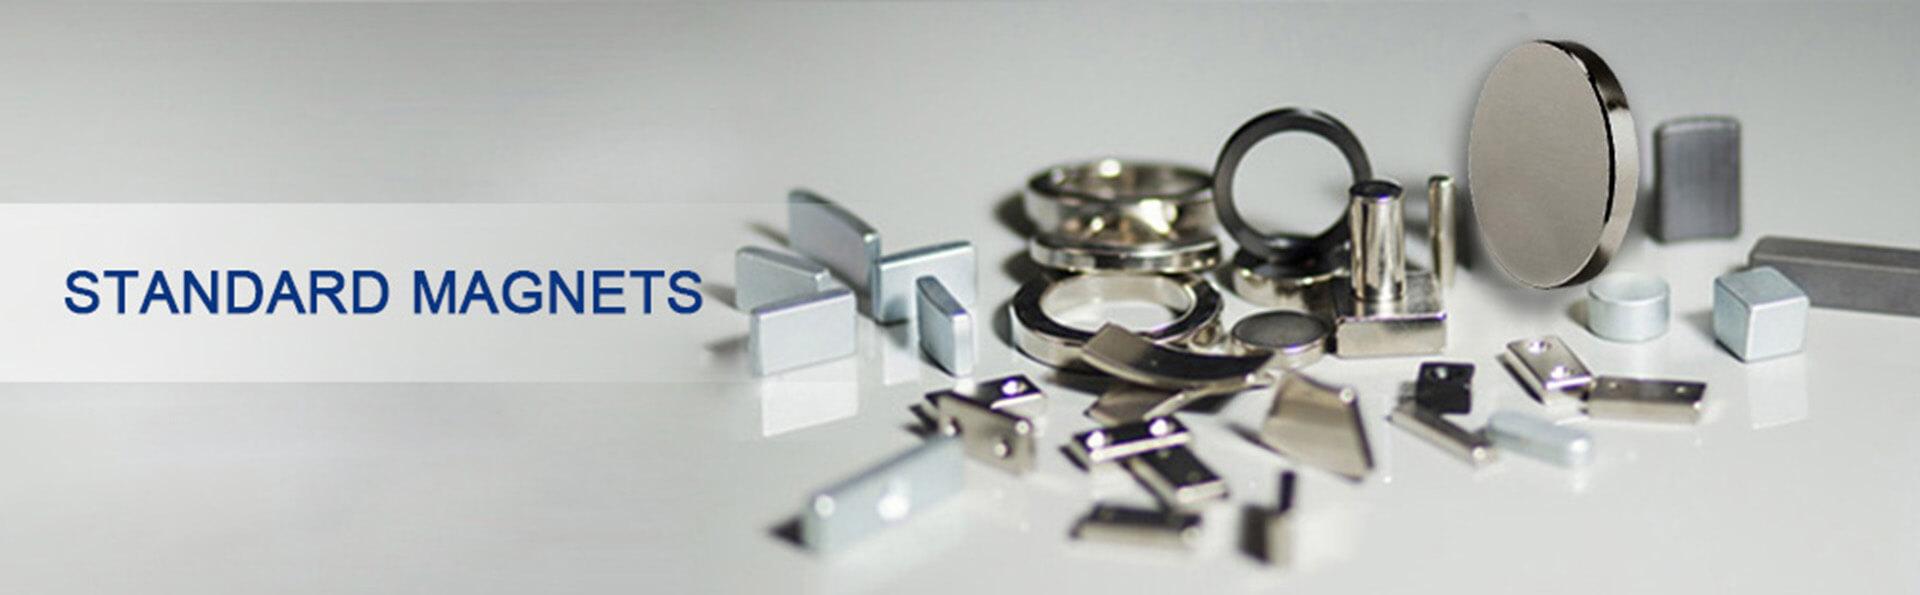 standard magnets